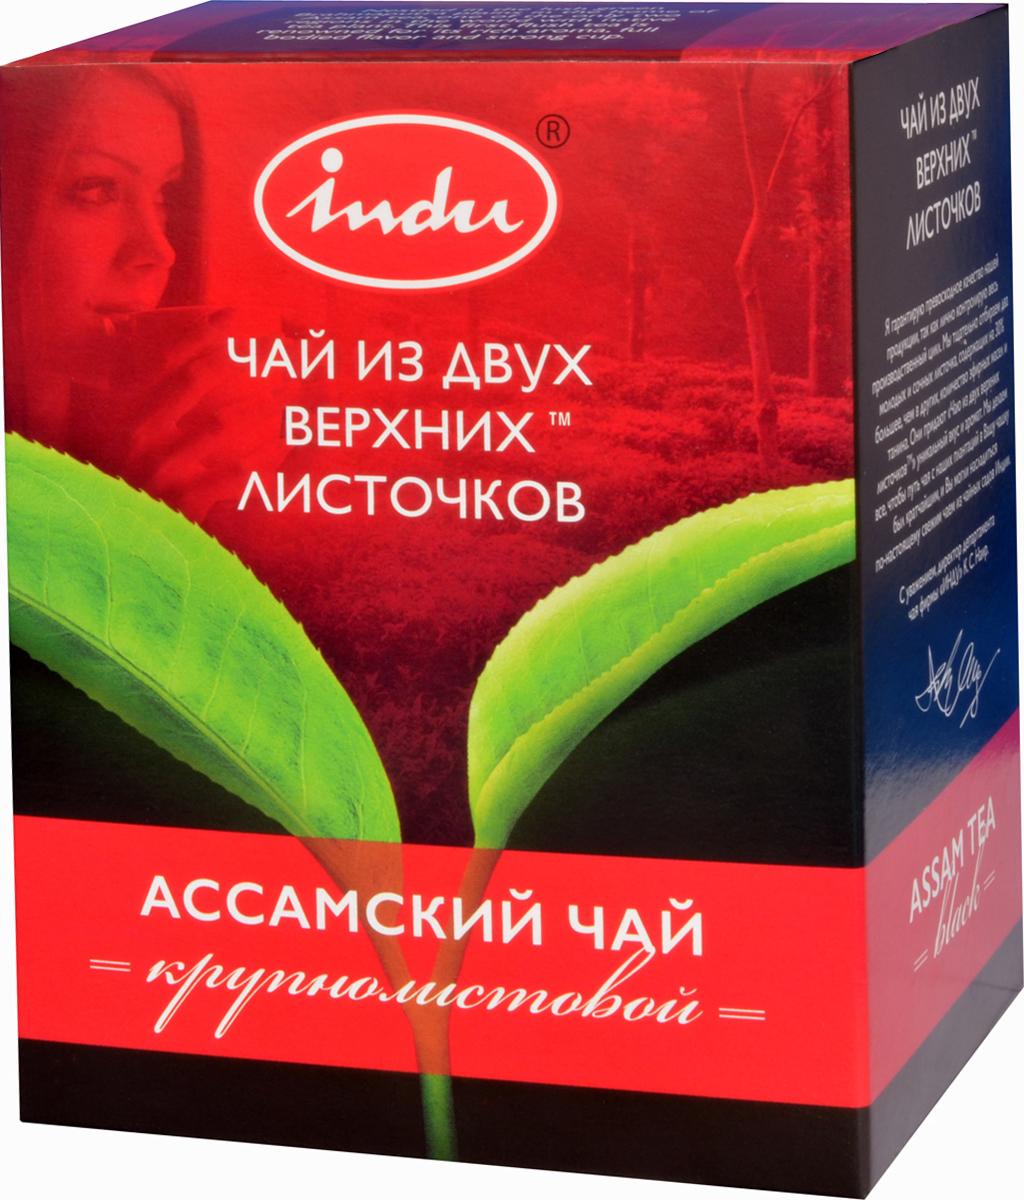 Indu Ассам TGFOP черный листовой чай, 90 гTTL-BIN-201Родина чая Indu Ассам TGFOP – бескрайние покрытые зеленью равнины реки Брахмапутры, один из двух регионов на Земле, где чай произрастал с незапамятных времен. Слава о необычном вкусе, насыщенном аромате и крепком настое известна по всему миру.